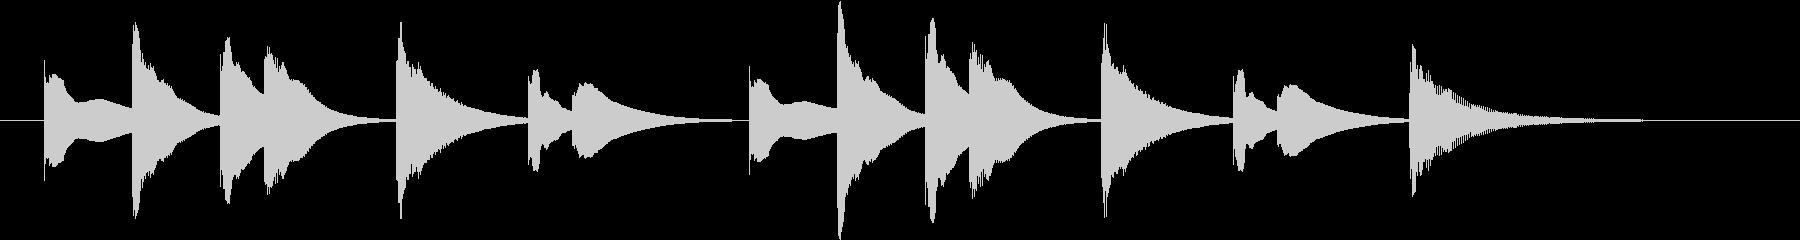 アニメ系ジングル_ほのぼの02の未再生の波形